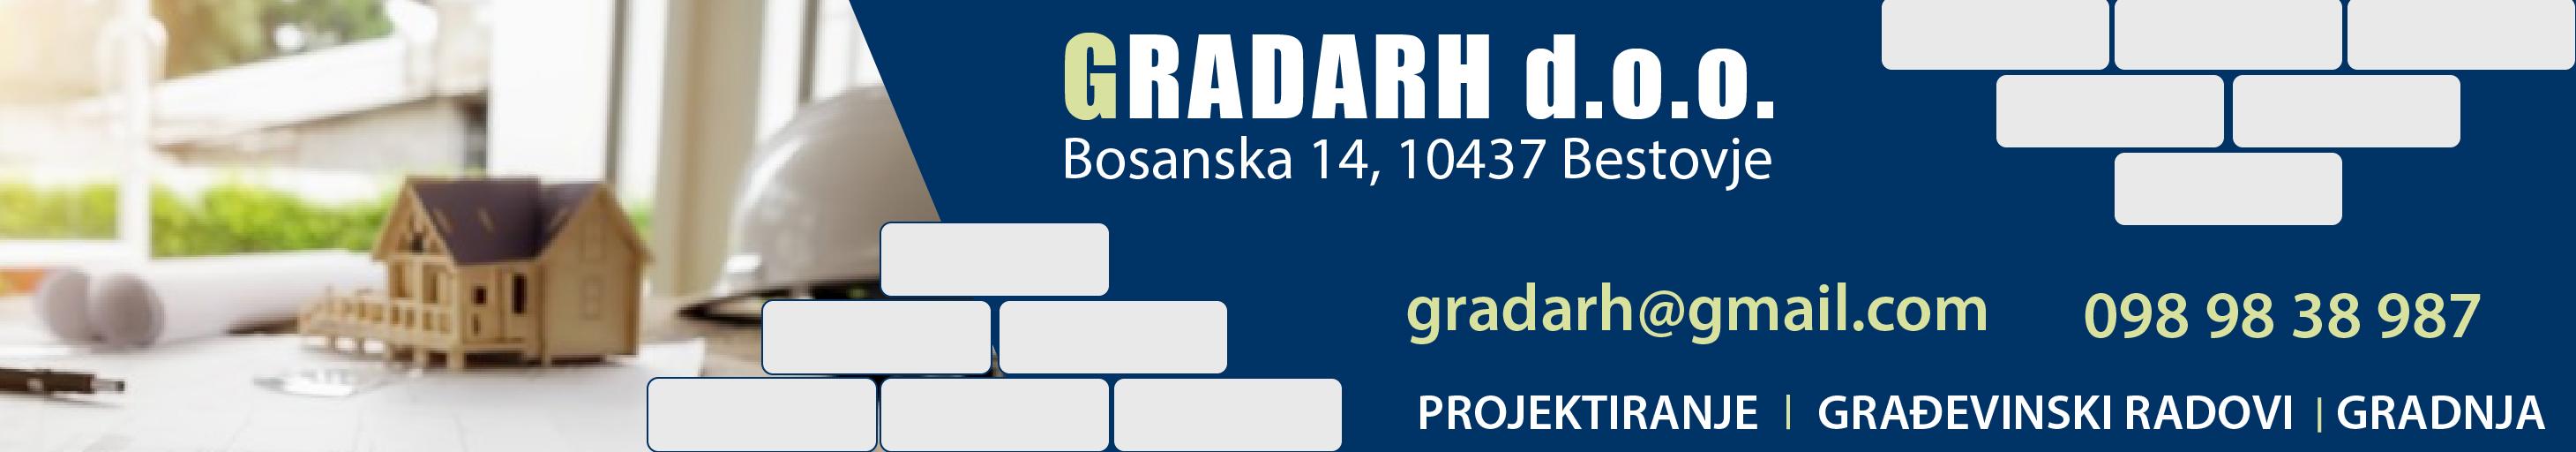 GRADARH-doo-banner